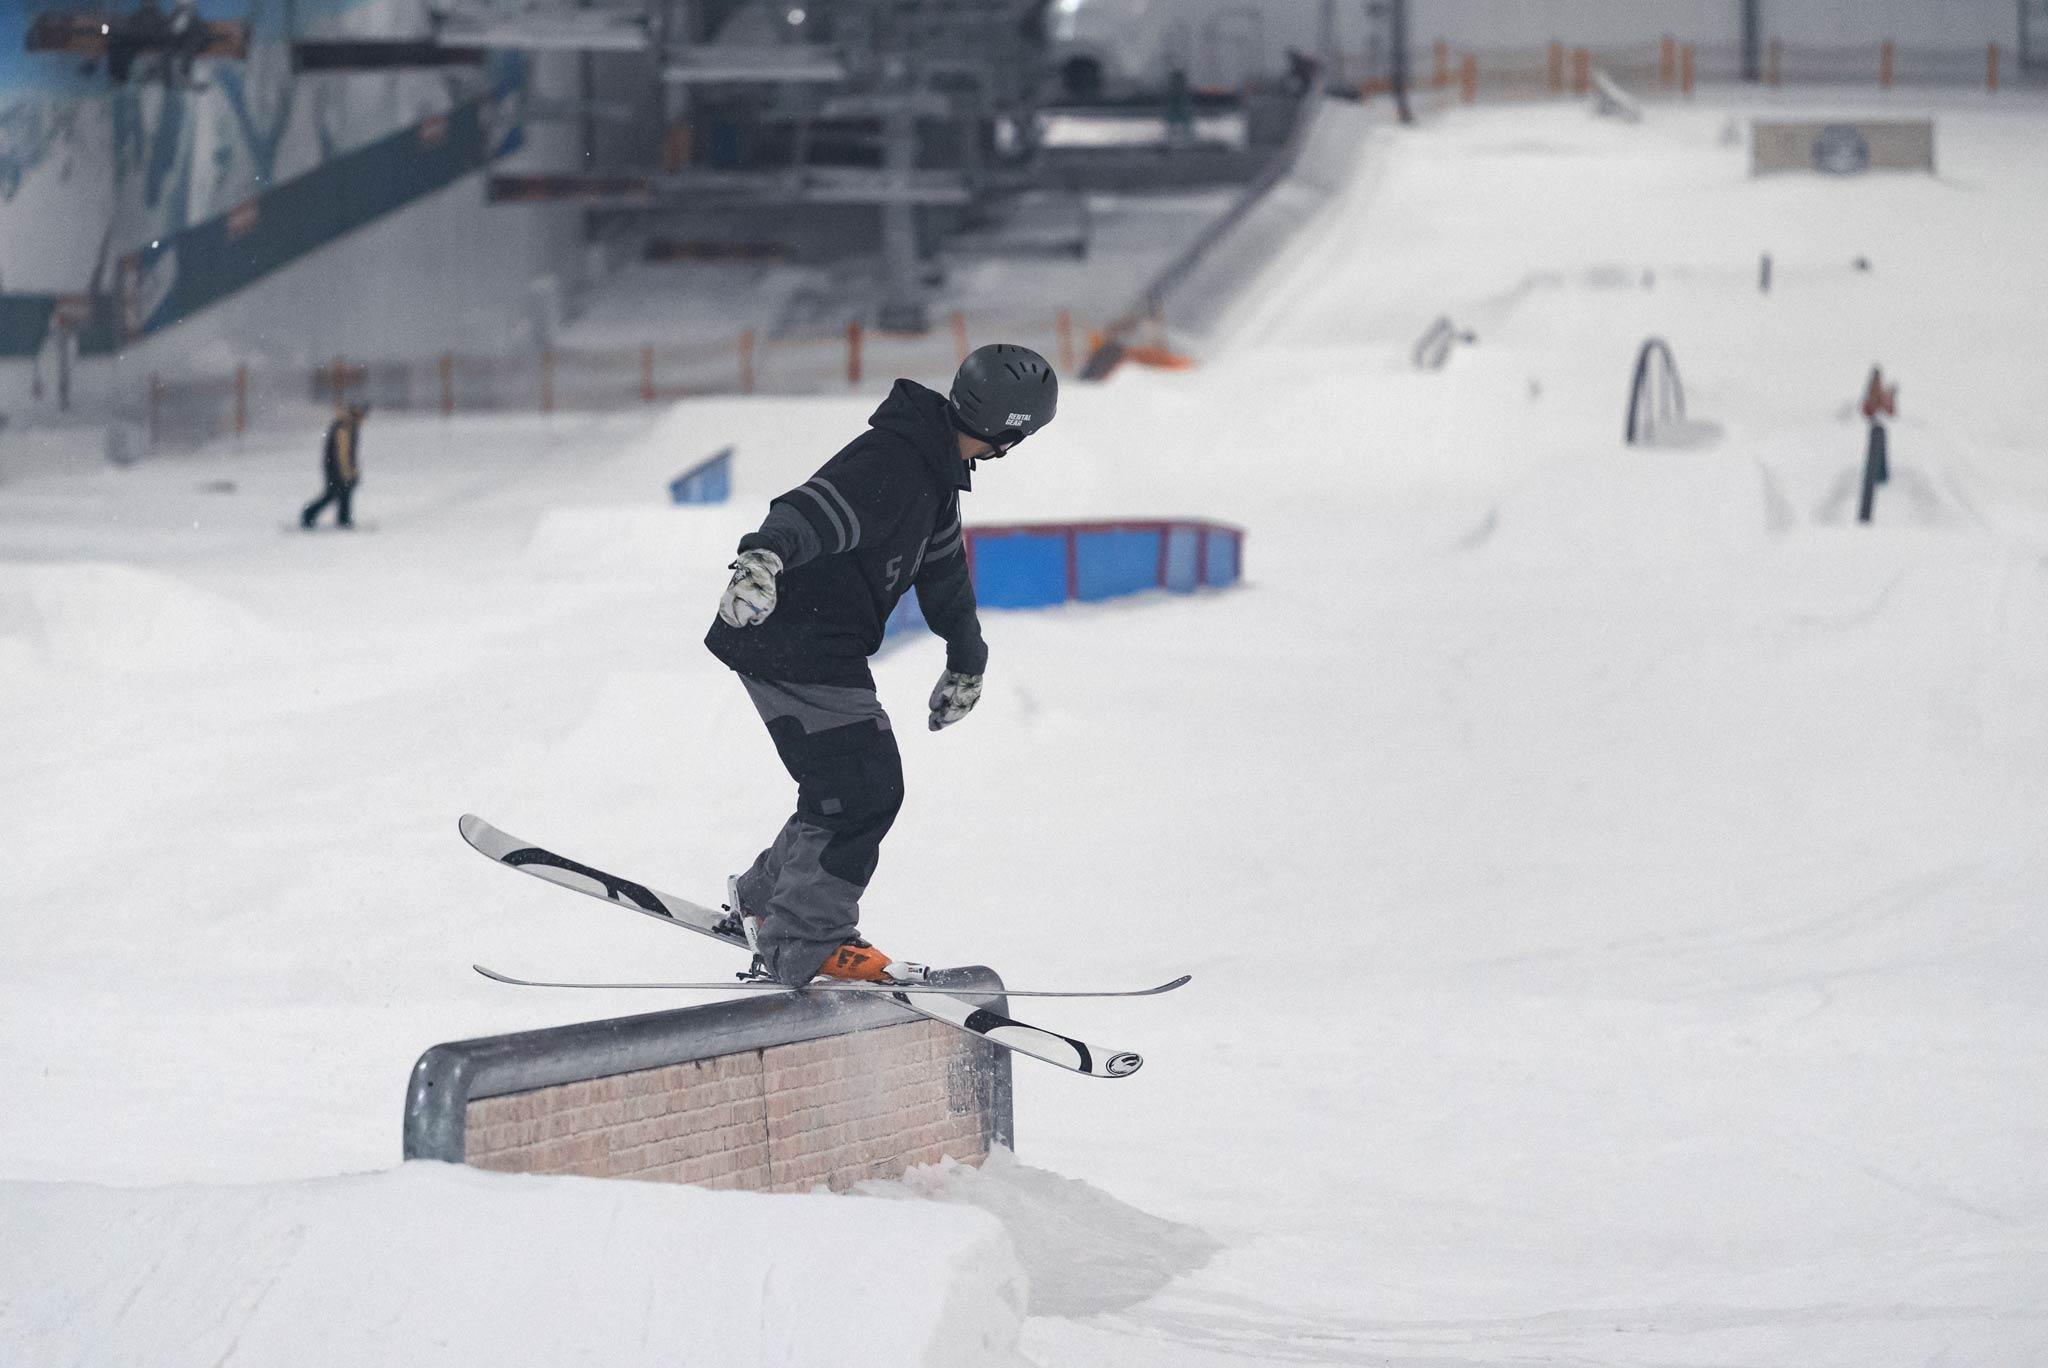 Durch das einzigartige Angebot kommen mittlerweile Leute aus ganz Europa regelmäßig in den Snowpark Bispingen - Rider: Severin Guggemoos aus Garmisch / Innsbruck